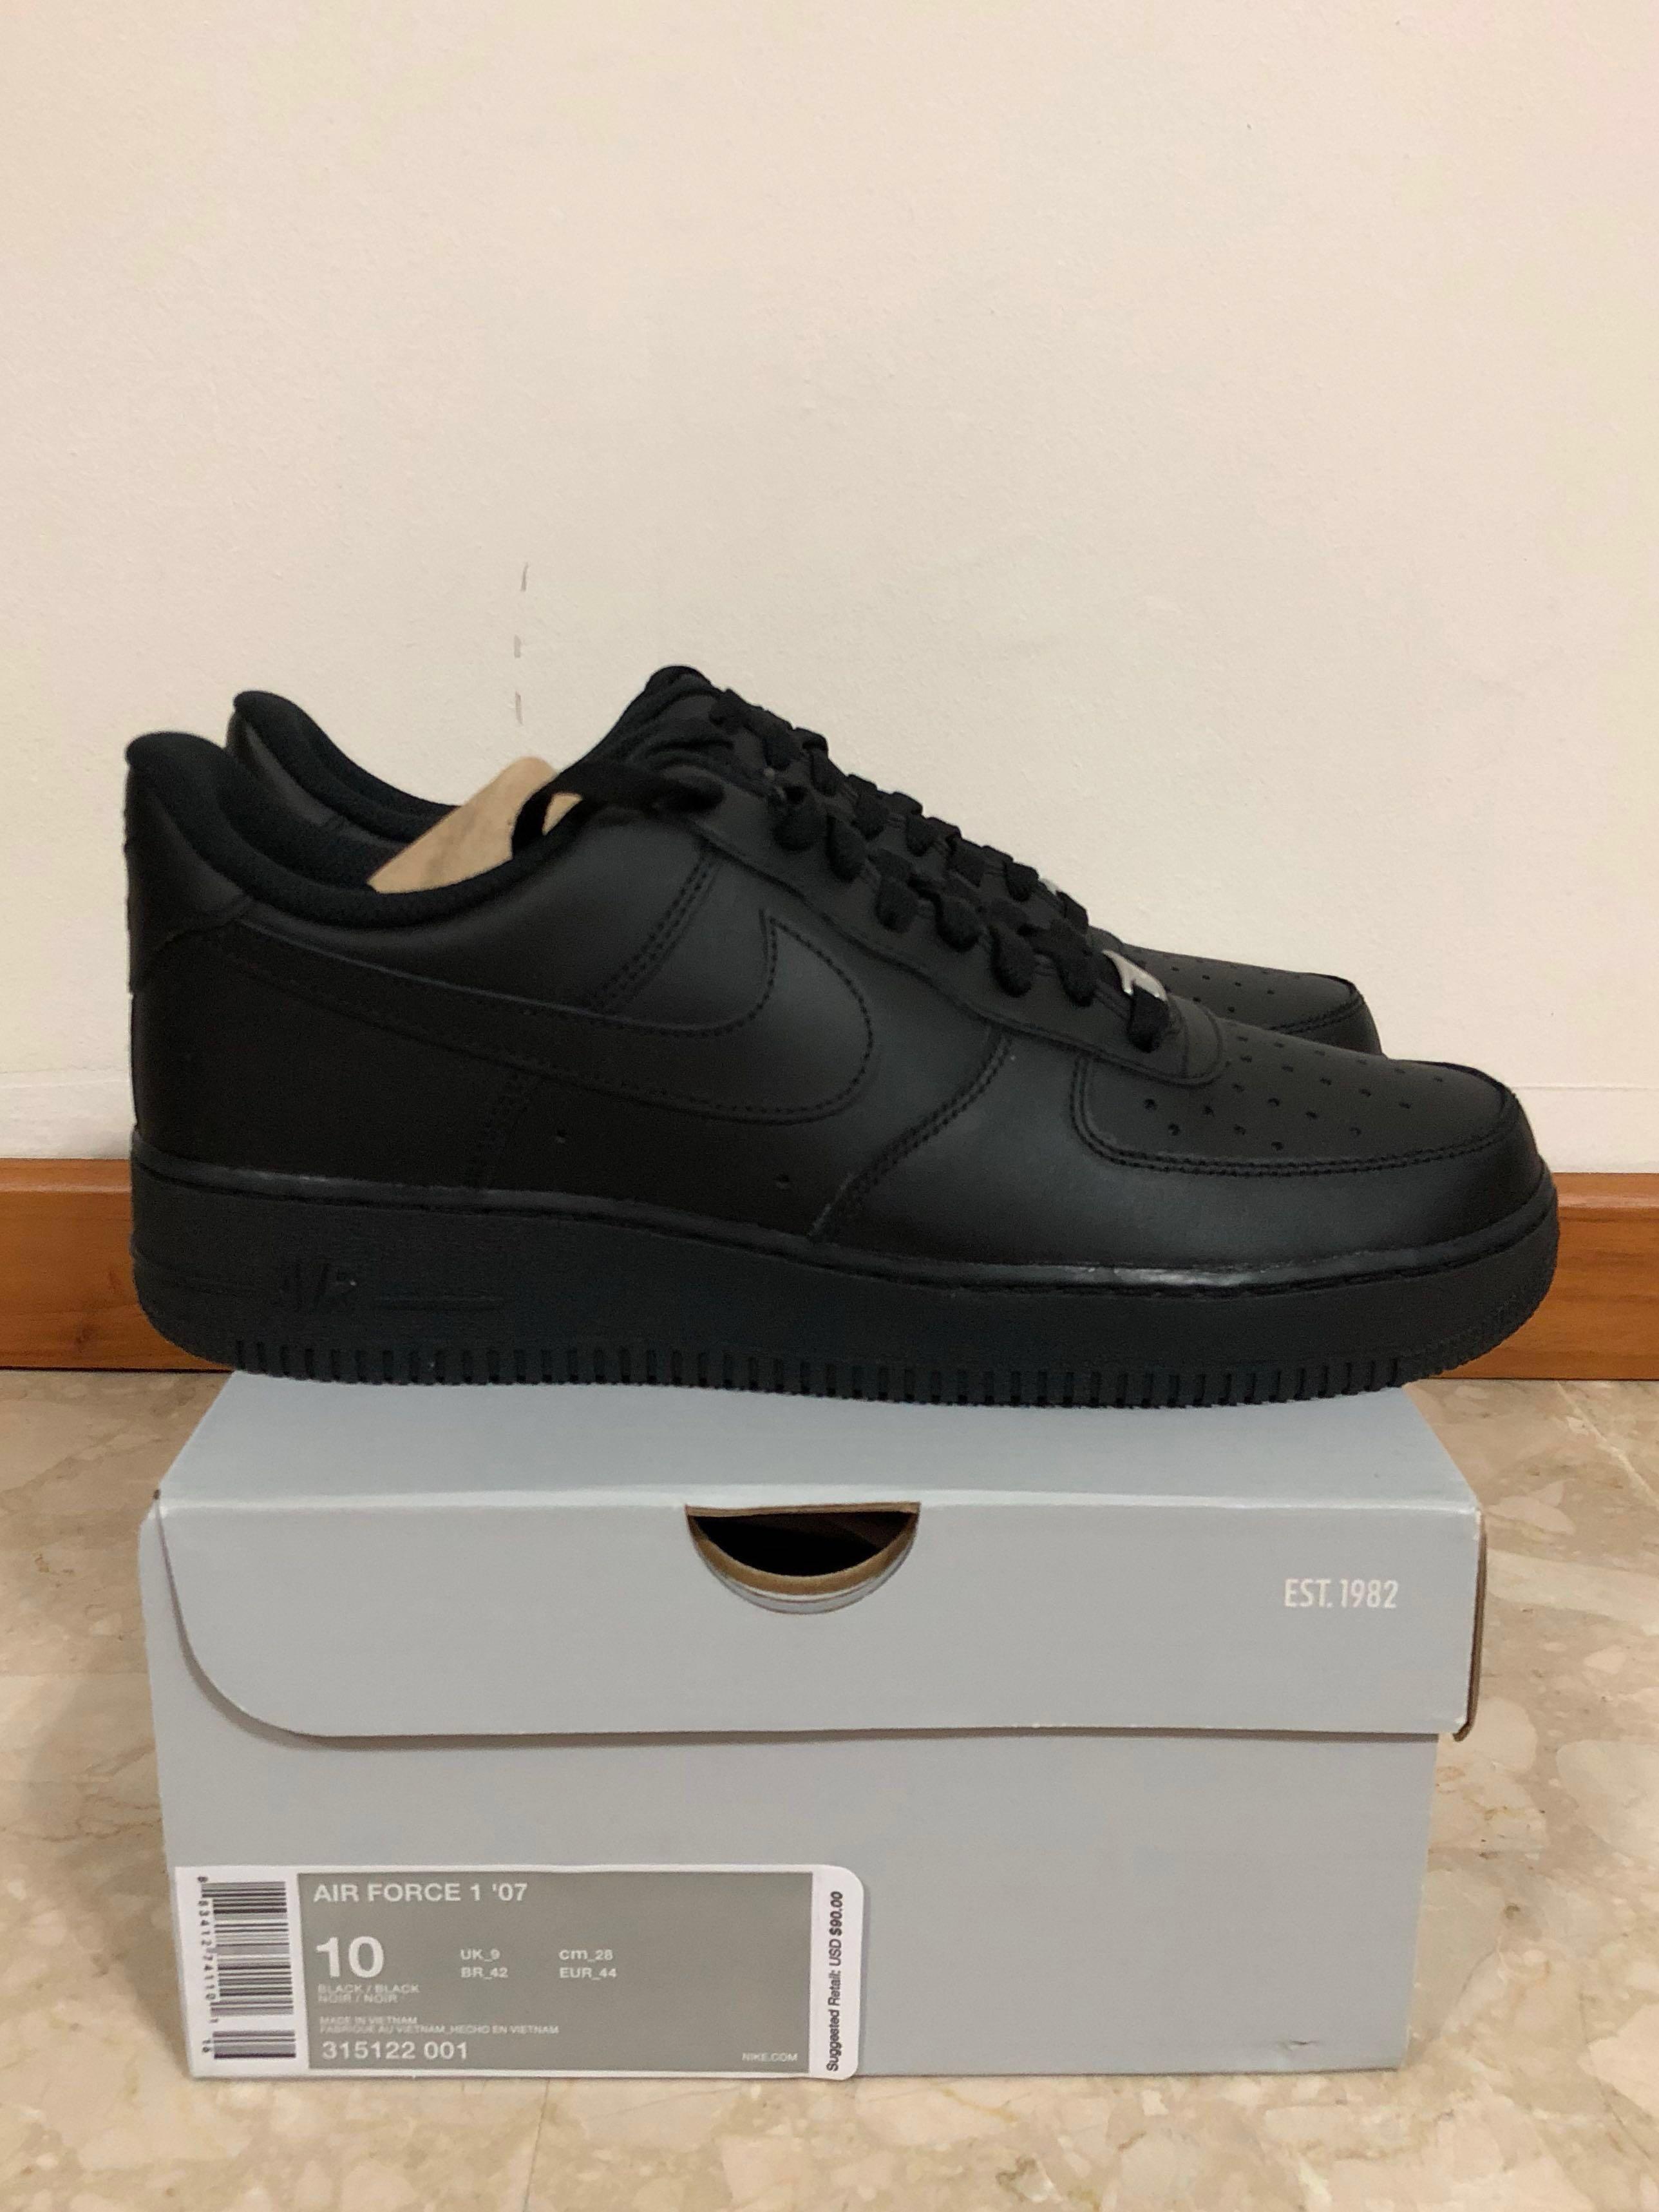 1dcc749e713e0 US10 Nike Air Force 1 triple black